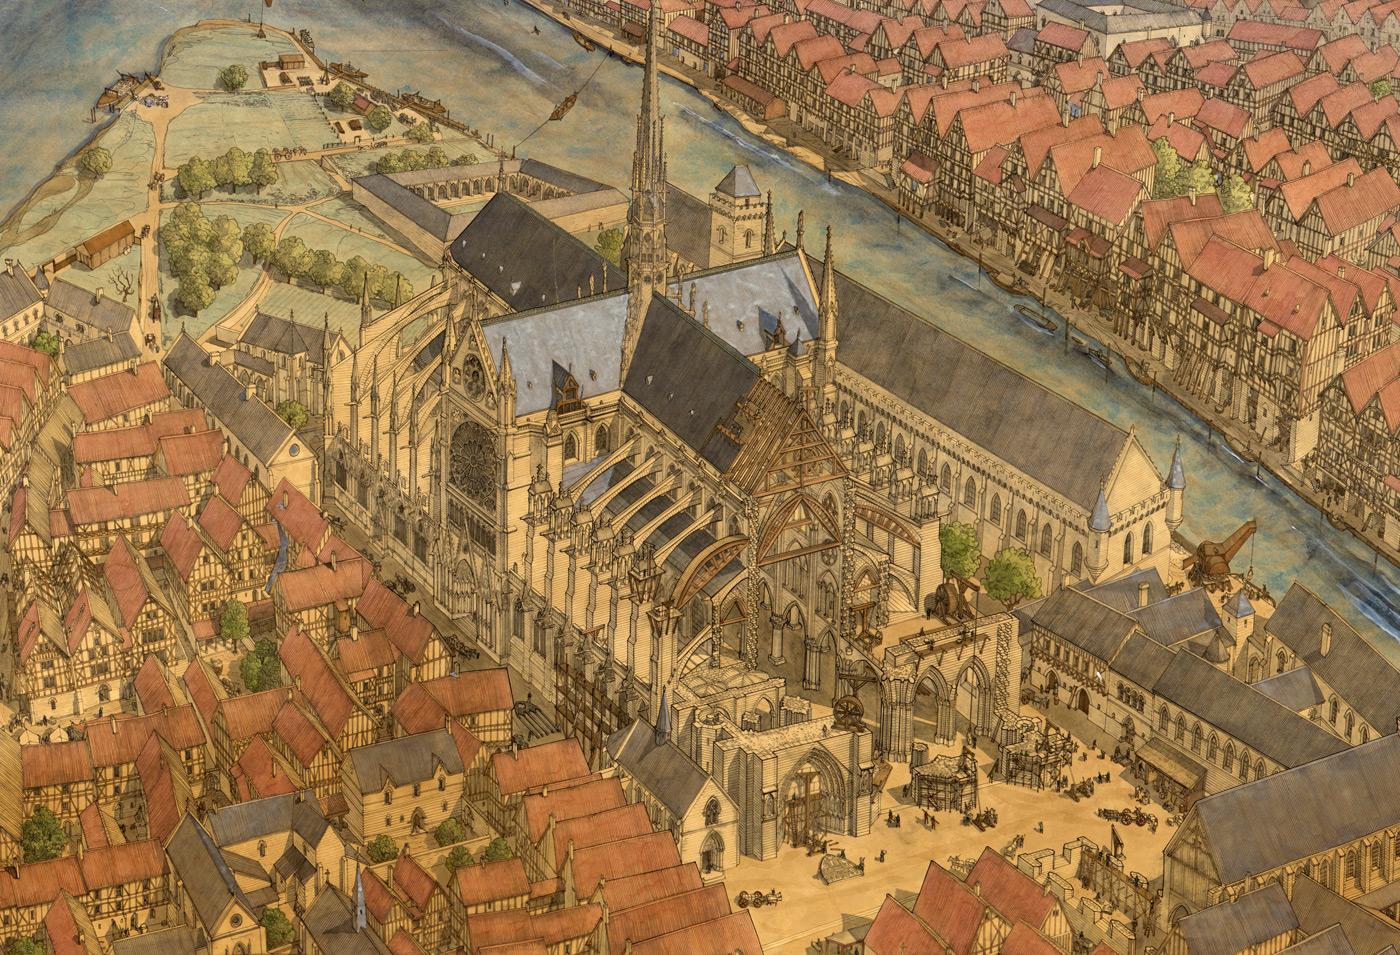 франция в средневековье картинки вот картинки сладких